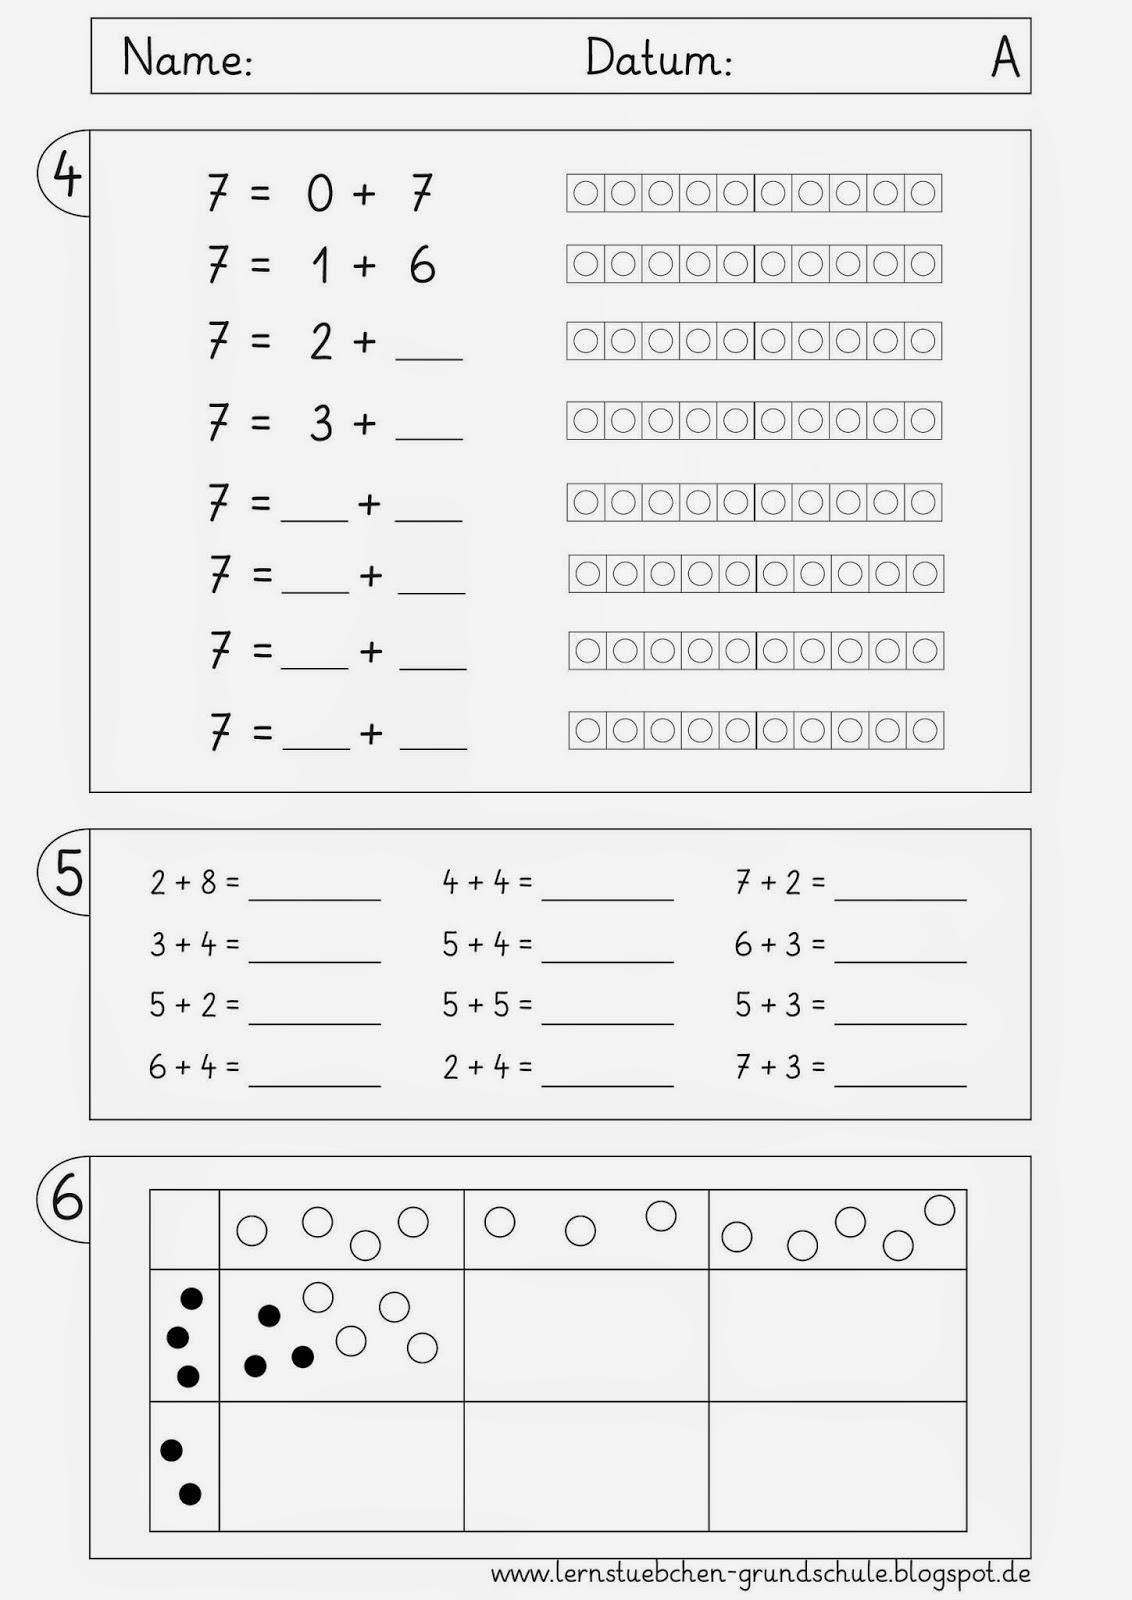 Lernstübchen: ausgewählte Lernziele - Mathe bis Weihnachten